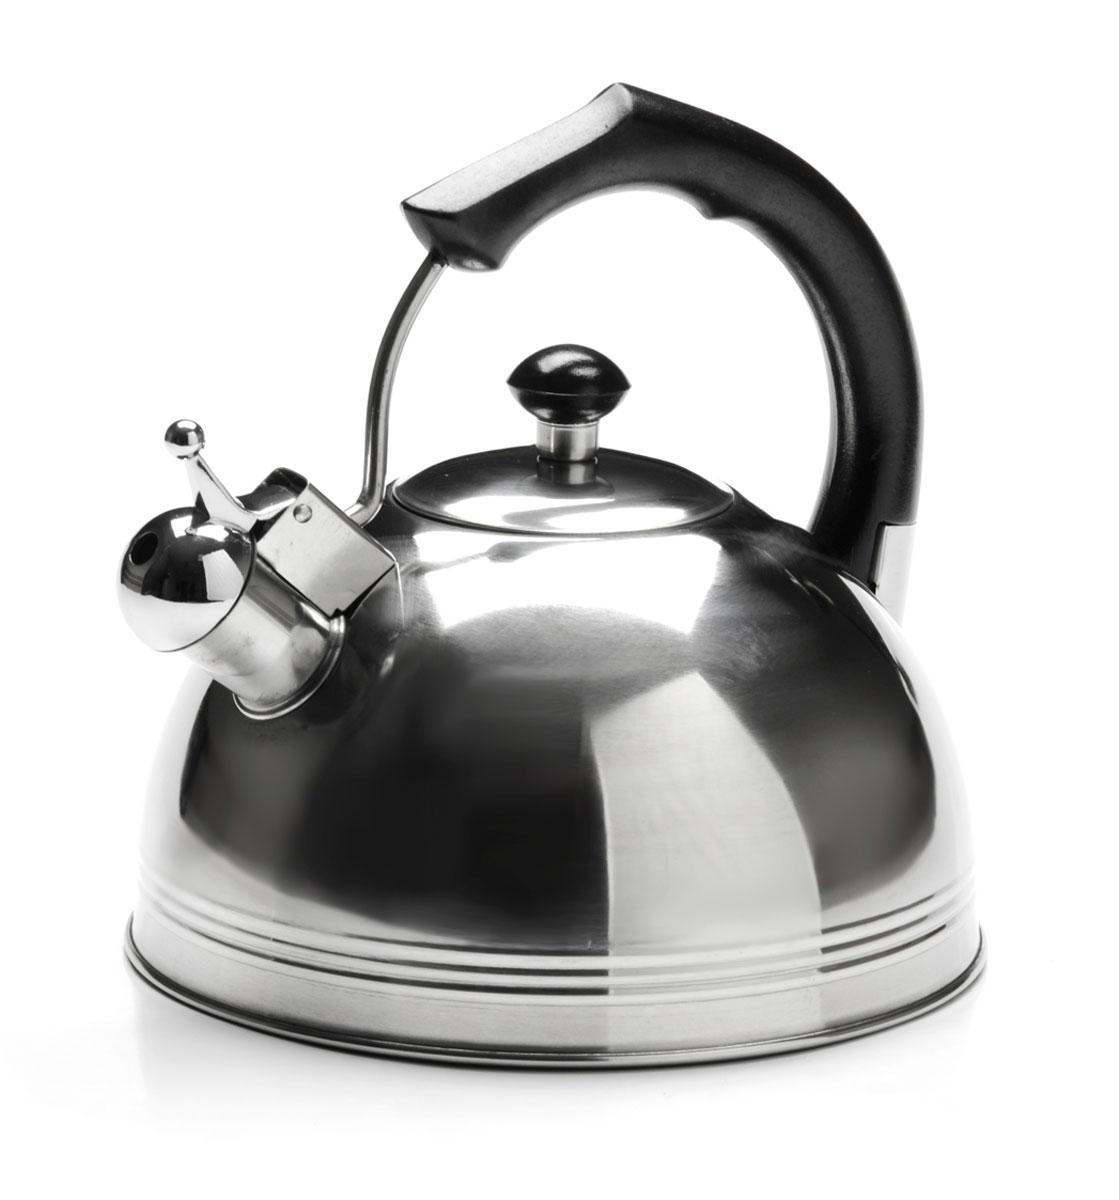 Чайник Mayer & Boch, со свистком, 3,5 л. 2616526165Чайник Mayer & Boch изготовлен из высококачественной нержавеющей стали. Изделия из нержавеющей стали не окисляются и не впитывают запахи, благодаря чему вы всегда получите натуральный, насыщенный вкус и аромат напитков. Капсулированное дно с прослойкой из алюминия обеспечивает наилучшее распределение тепла. Эргономичная фиксированная ручка выполнена из нержавеющей стали и бакелита и стилизована под дерево. Носик чайника оснащен насадкой-свистком, который позволяет контролировать процесс кипячения или подогрева воды. Поверхность чайника гладкая, что облегчает уход за ним. Эстетичный и функциональный, с современным дизайном, чайник будет оригинально смотреться на любой кухне. Подходит для использования на всех типах плит, кроме индукционных. Подходит для мытья в посудомоечной машине.